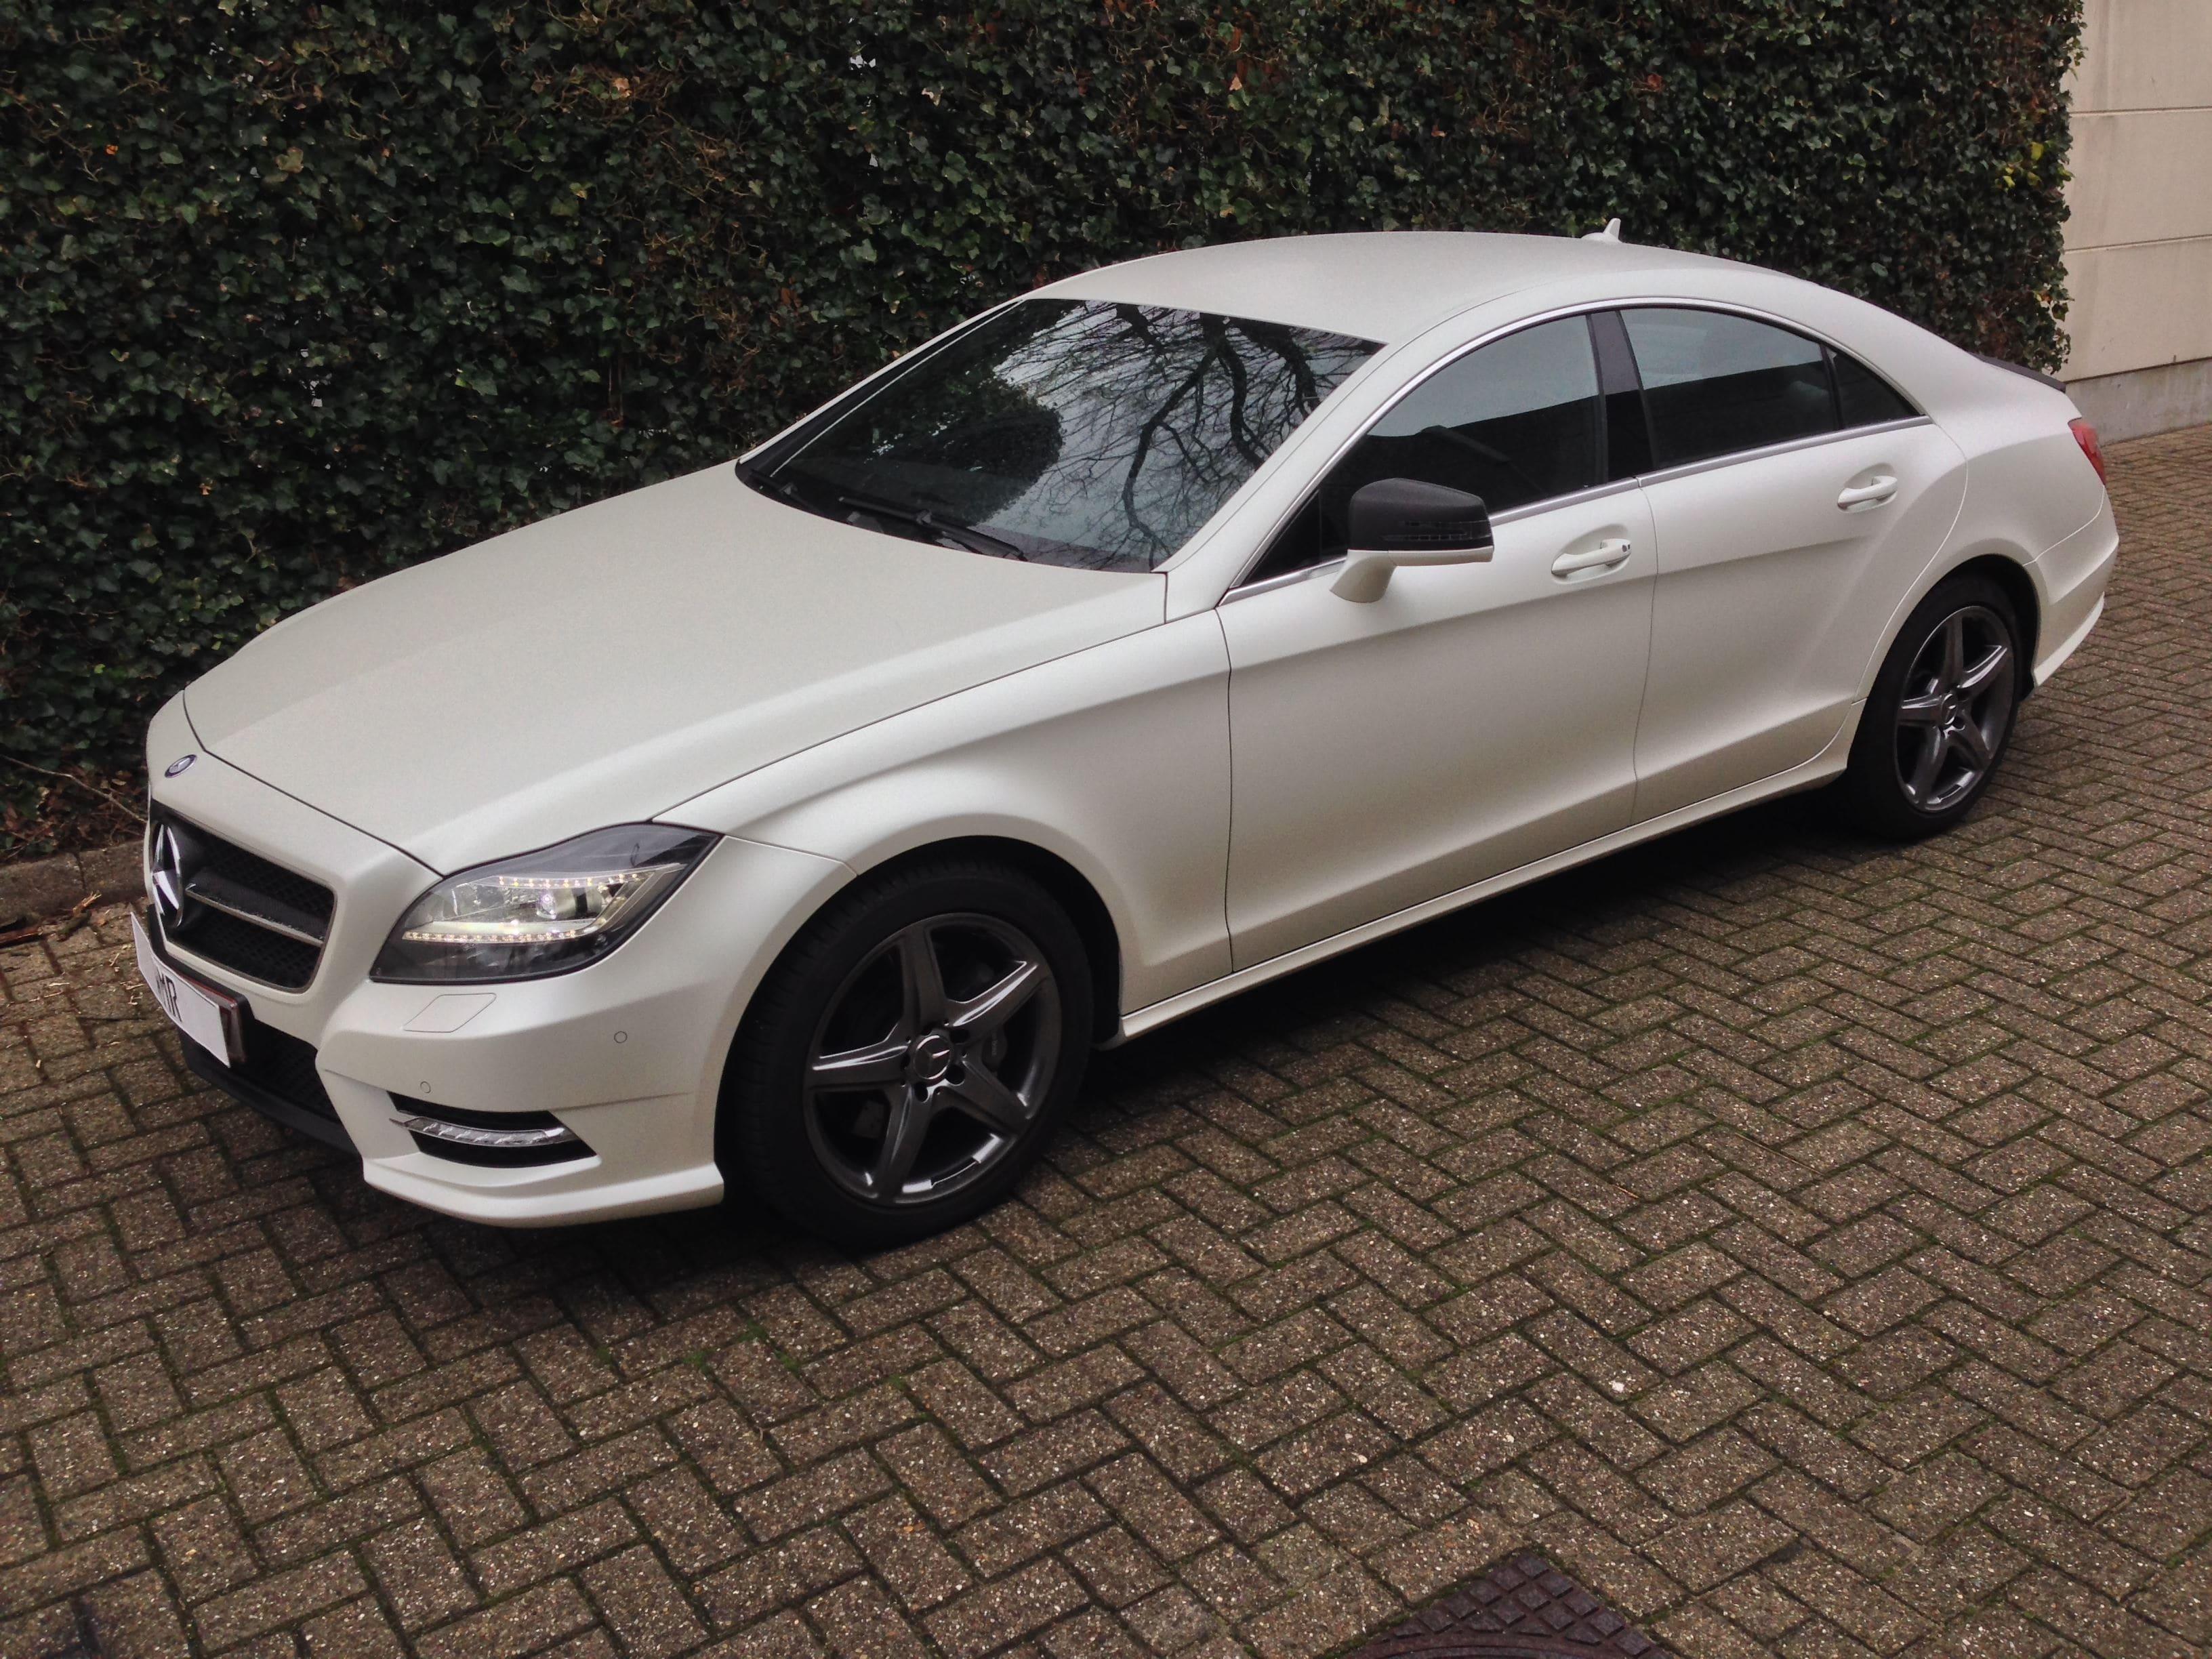 Mercedes CLS met White Satin Pearl Wrap, Carwrapping door Wrapmyride.nu Foto-nr:6208, ©2021